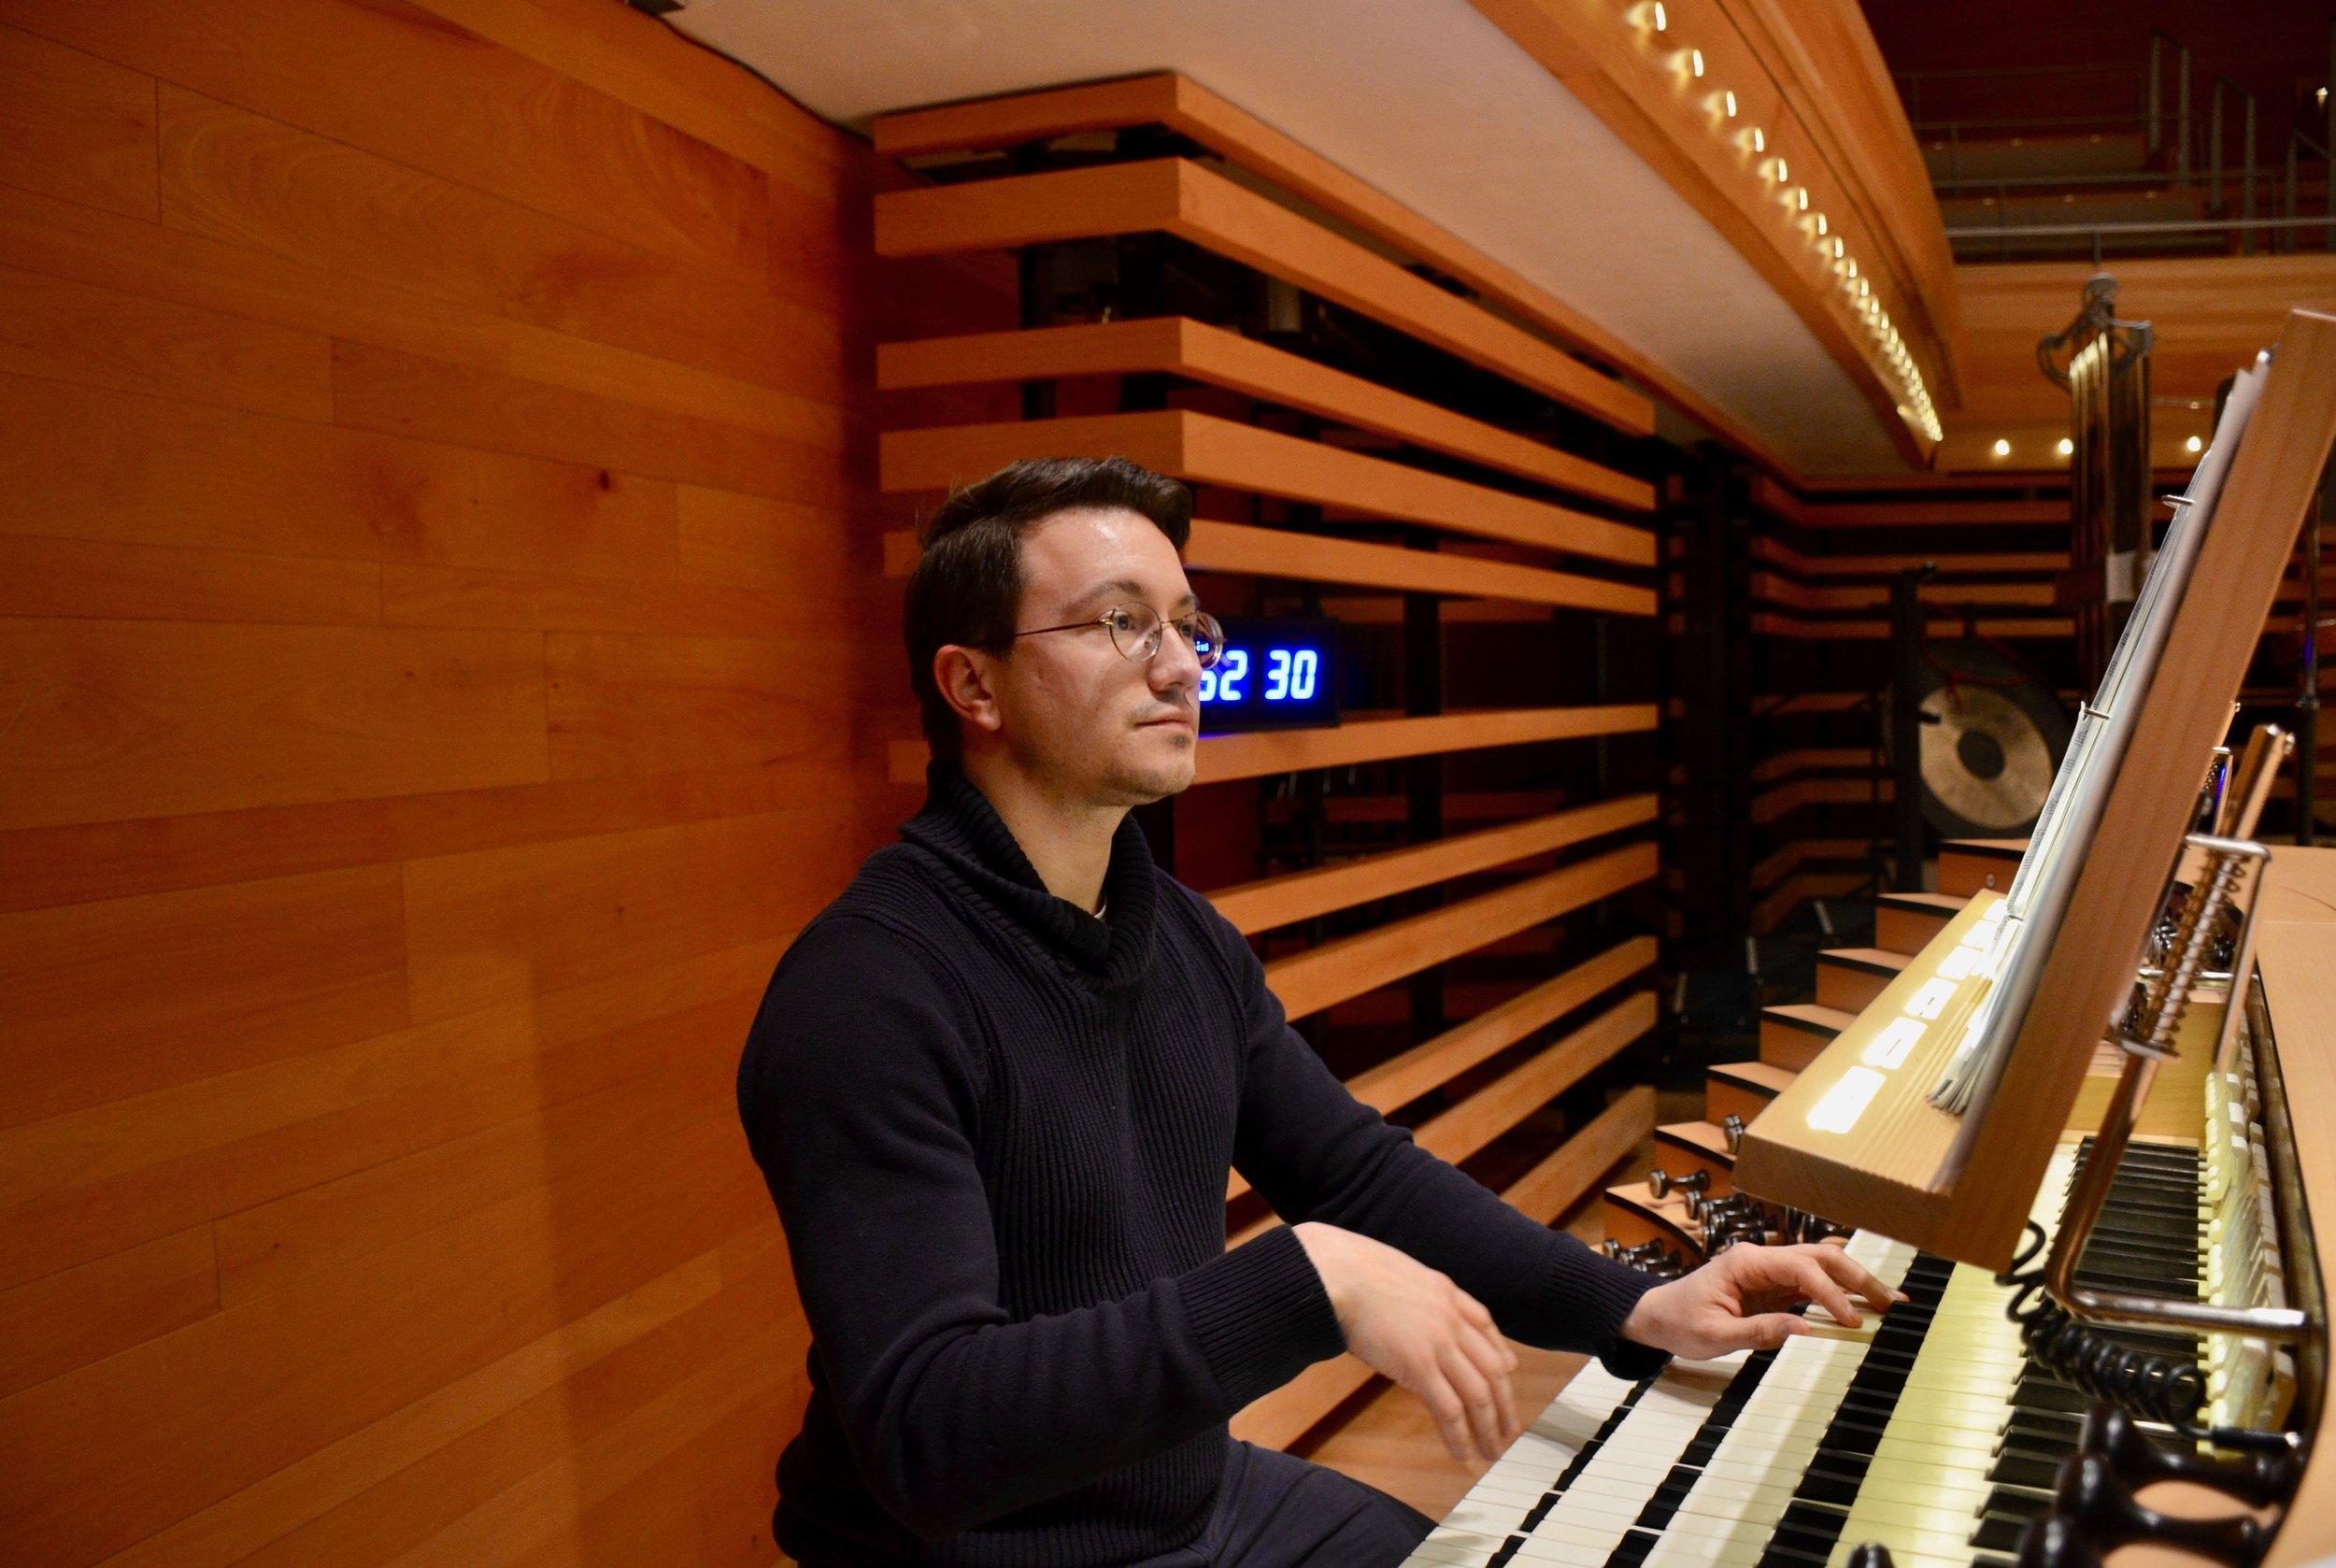 Corey de Tar plays the Grand Orgue Pierre-Béique (Casavant) in Maison Symphonique, Montréal